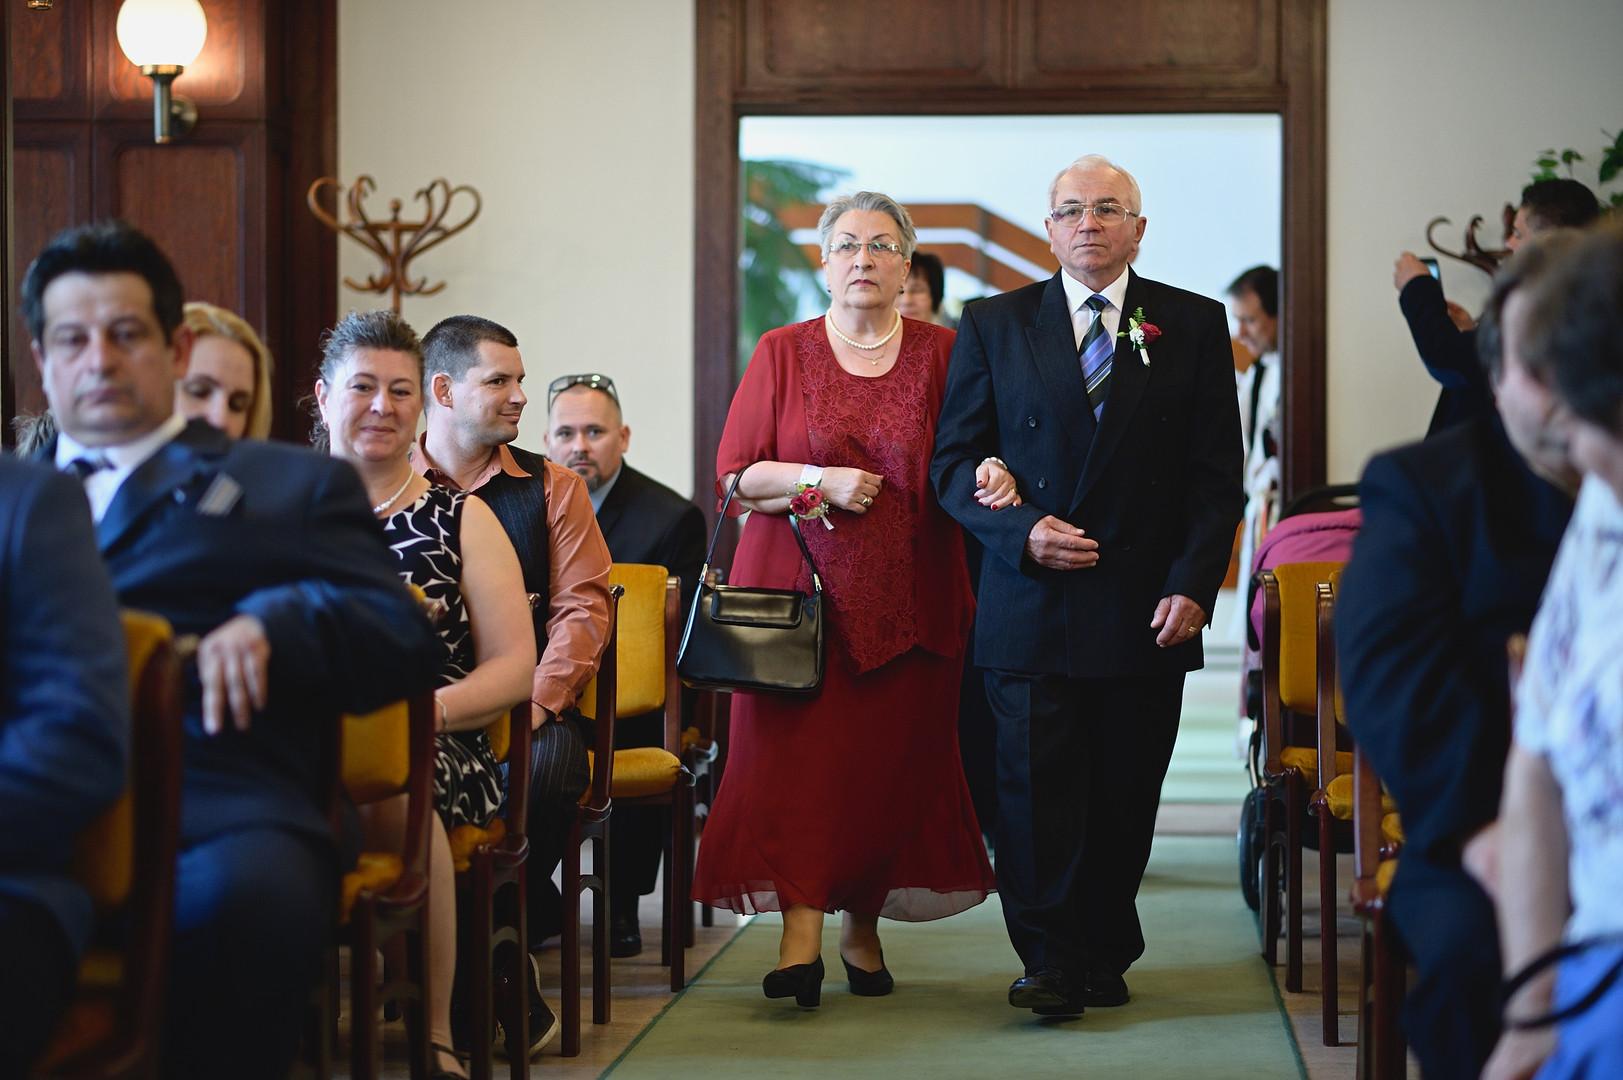 020 Esküvői fotózás - Enikő és Peti.jpg